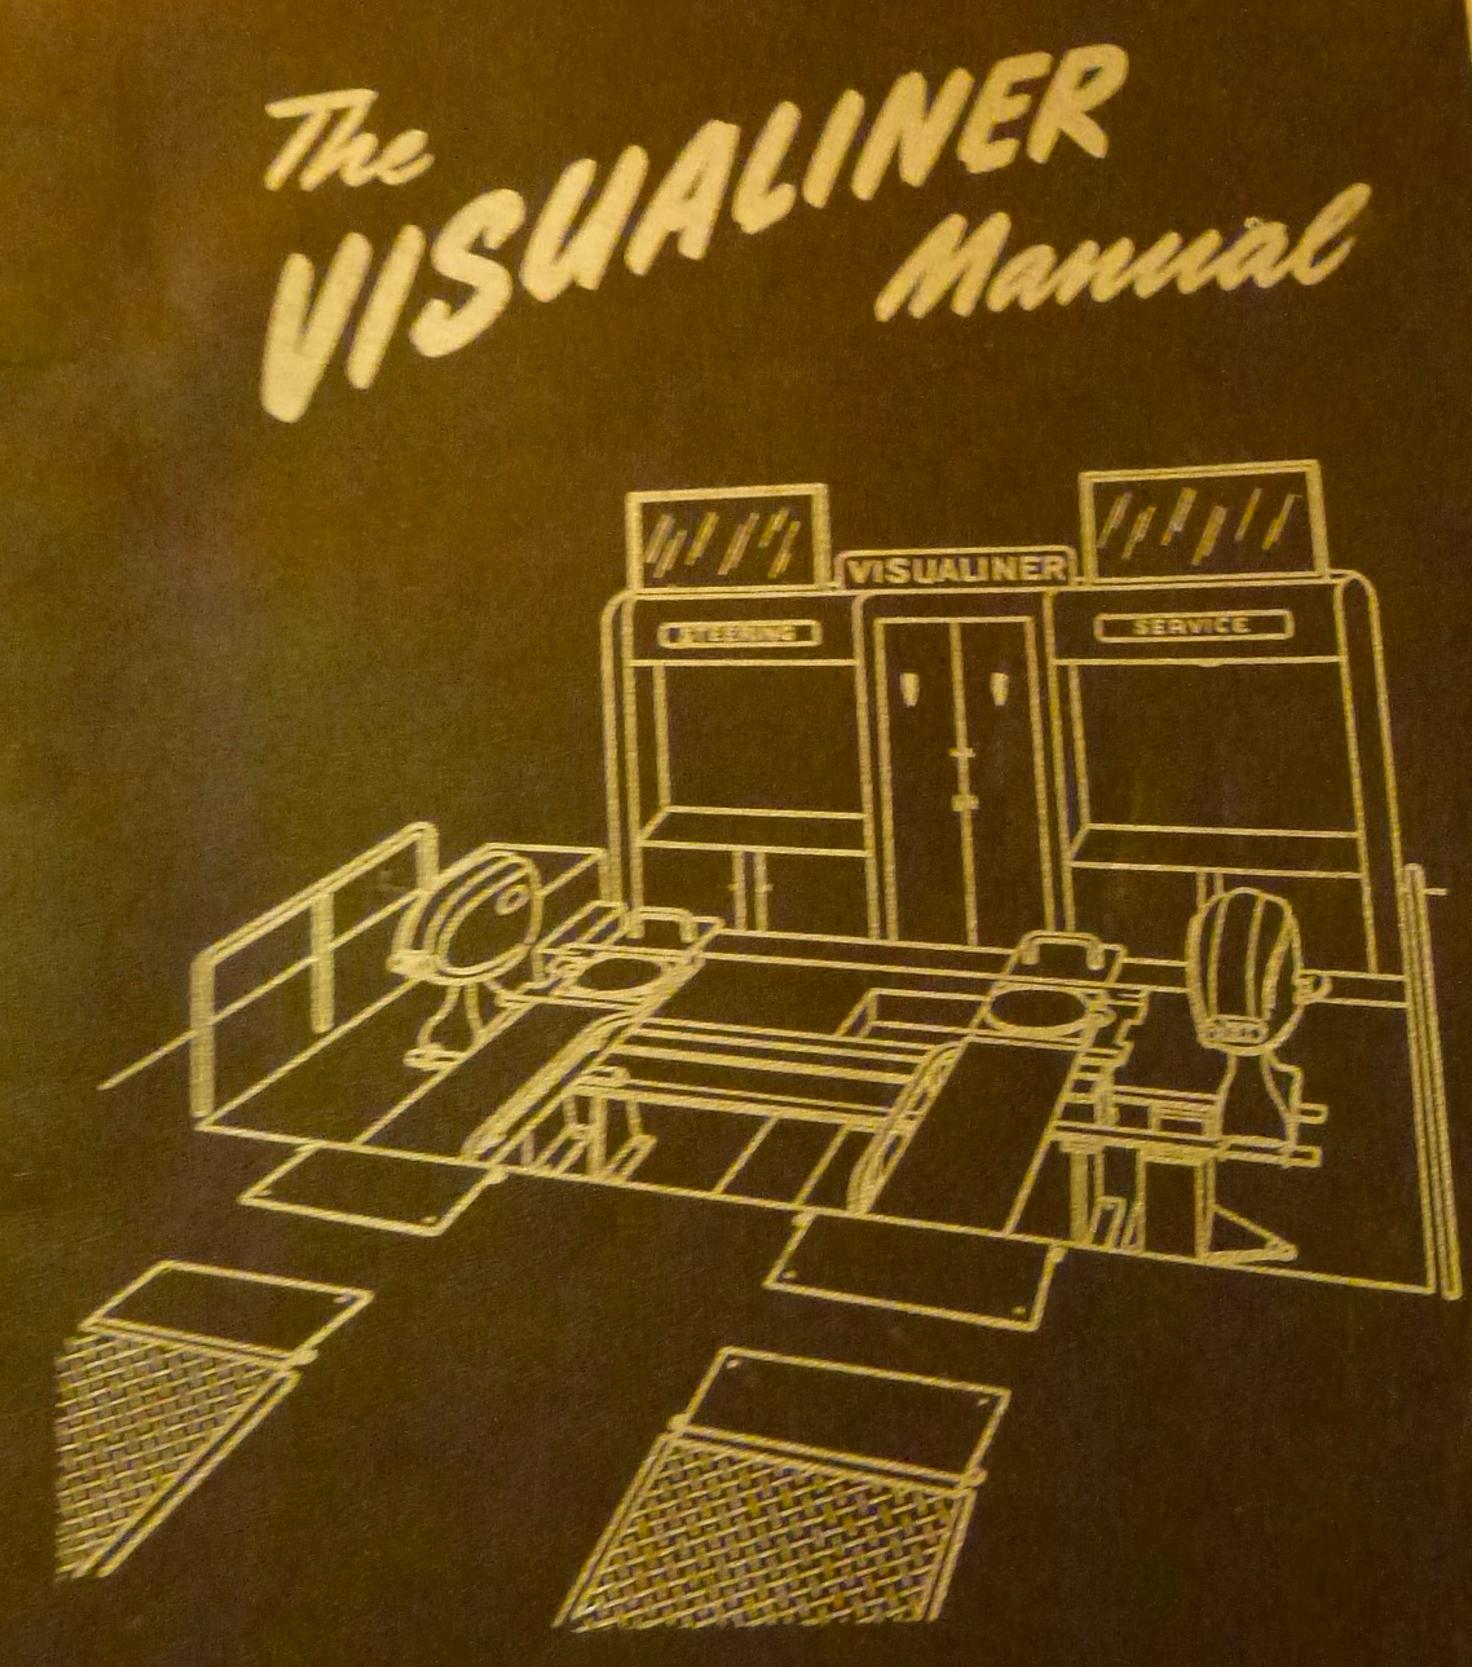 Visualiner_manual_mirrors.png